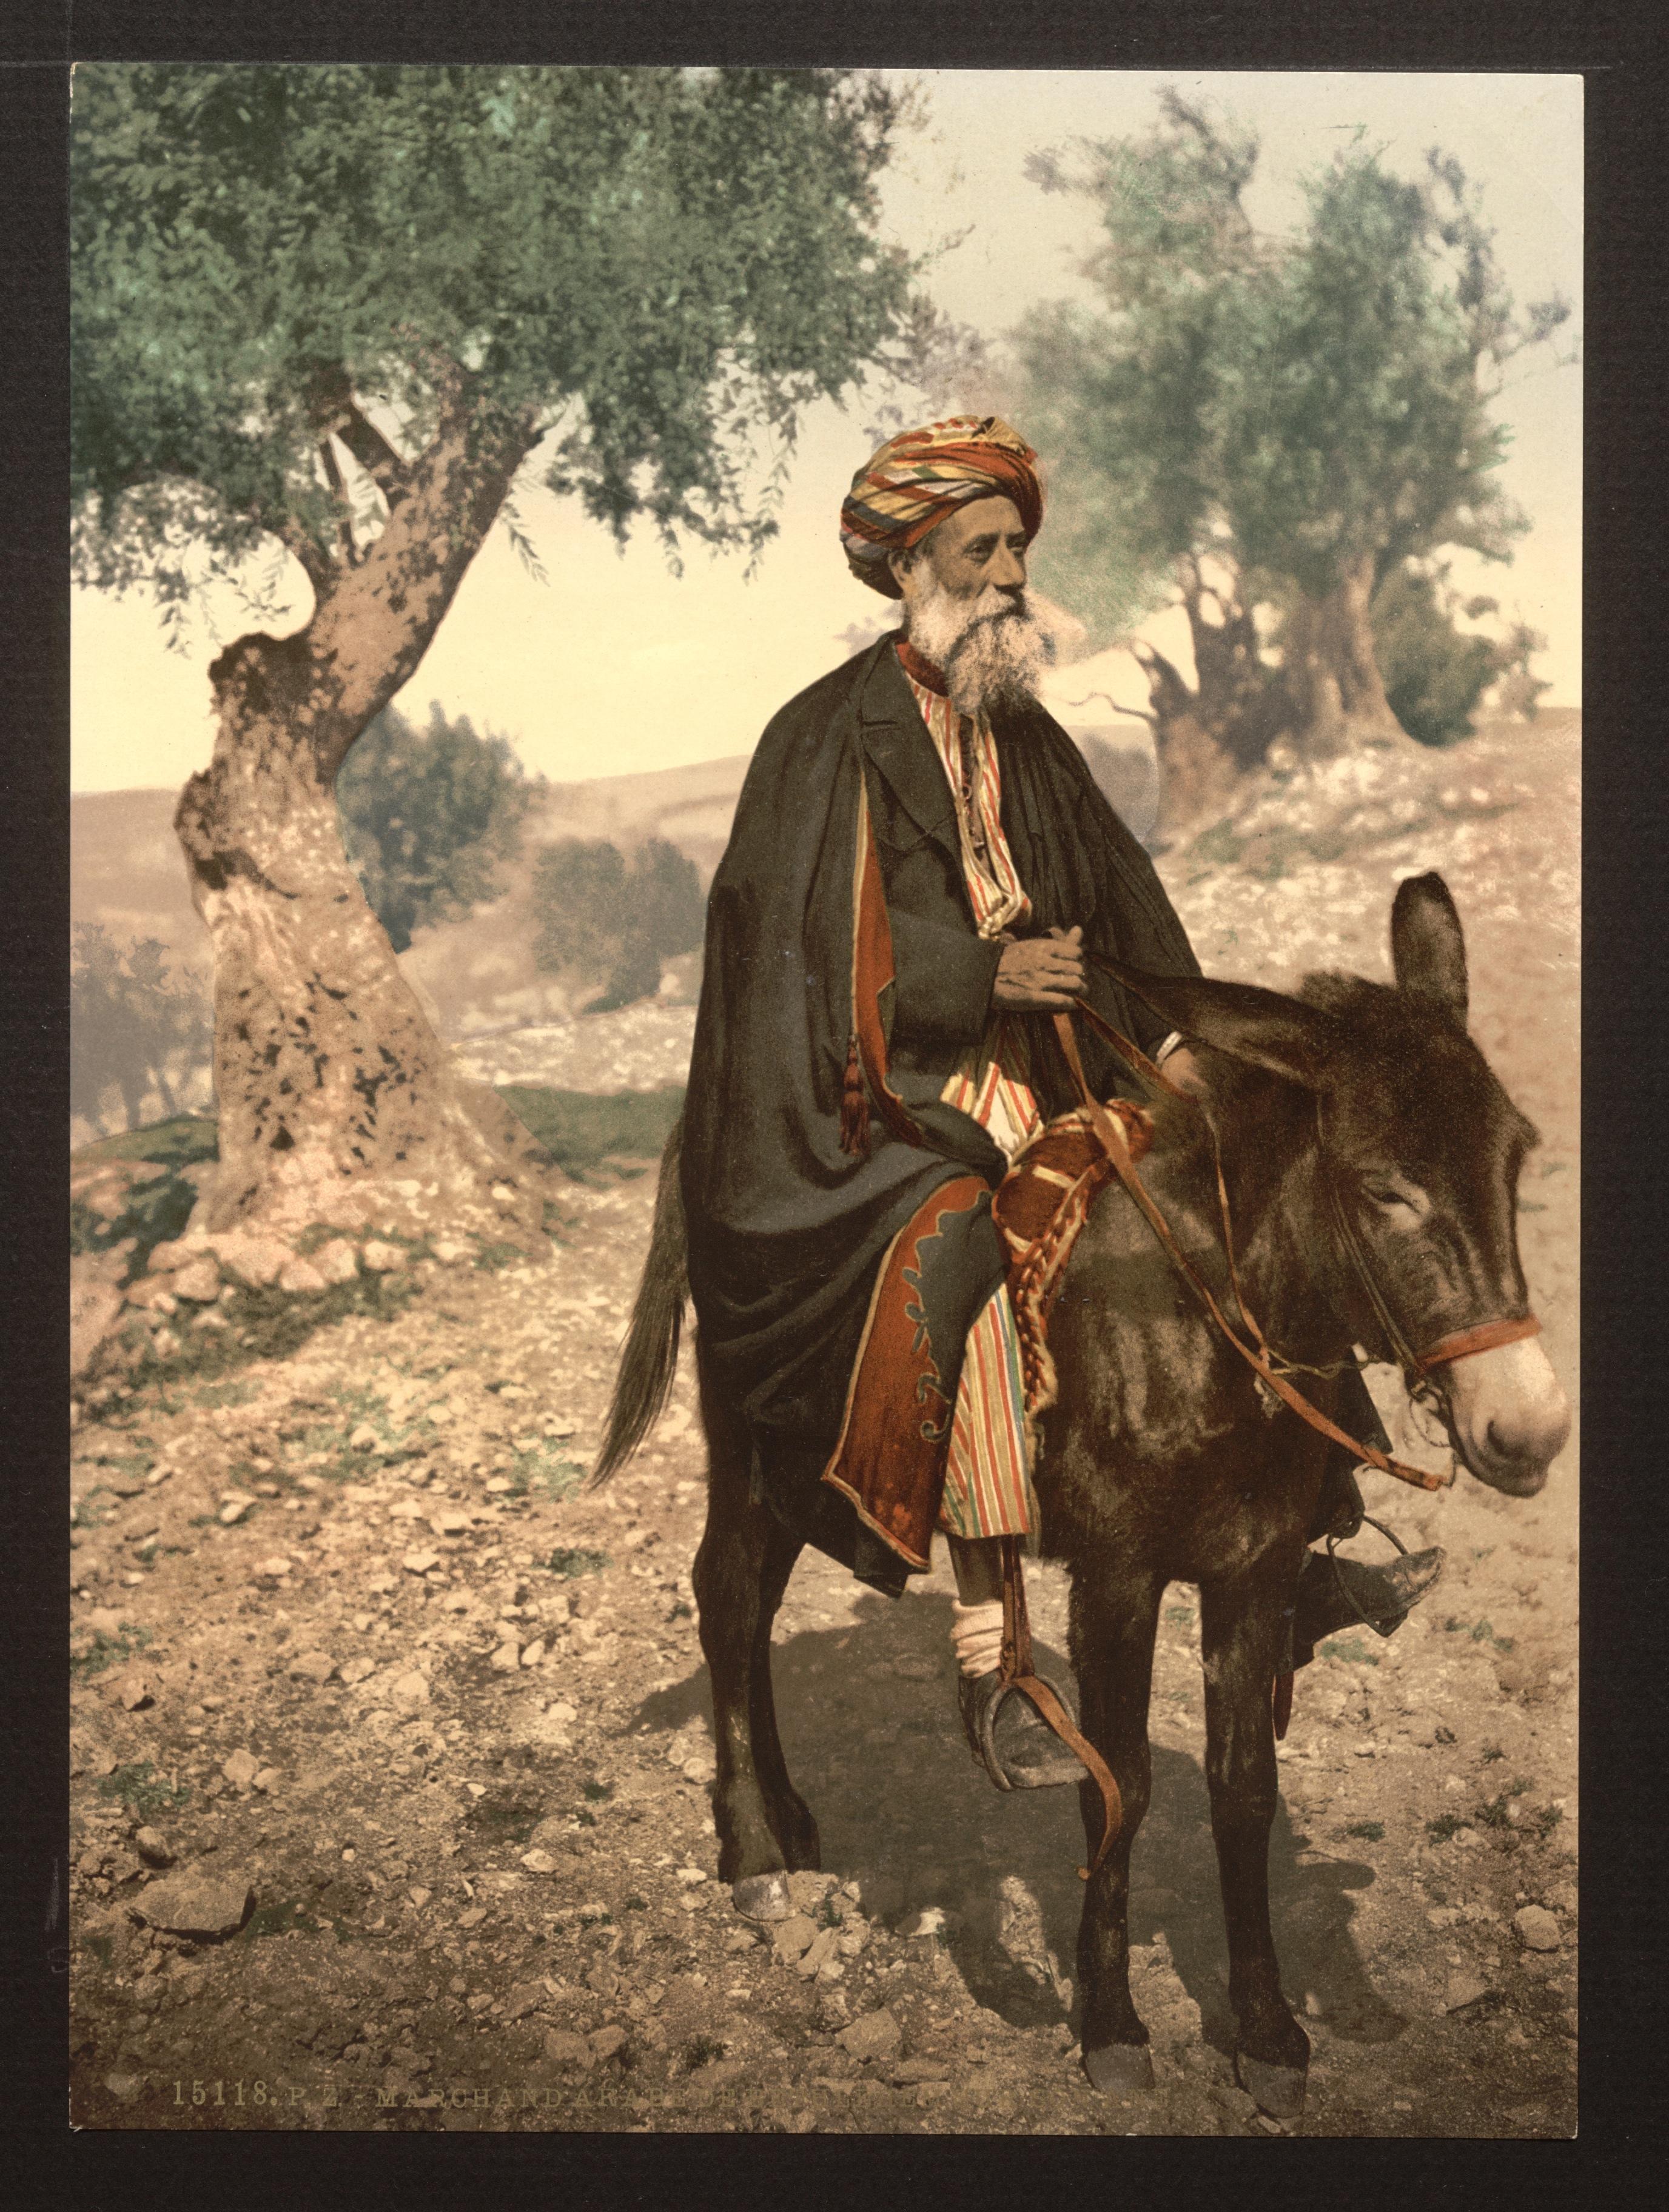 File:Native of Bethlehem on his donkey, Holy Land, (i e